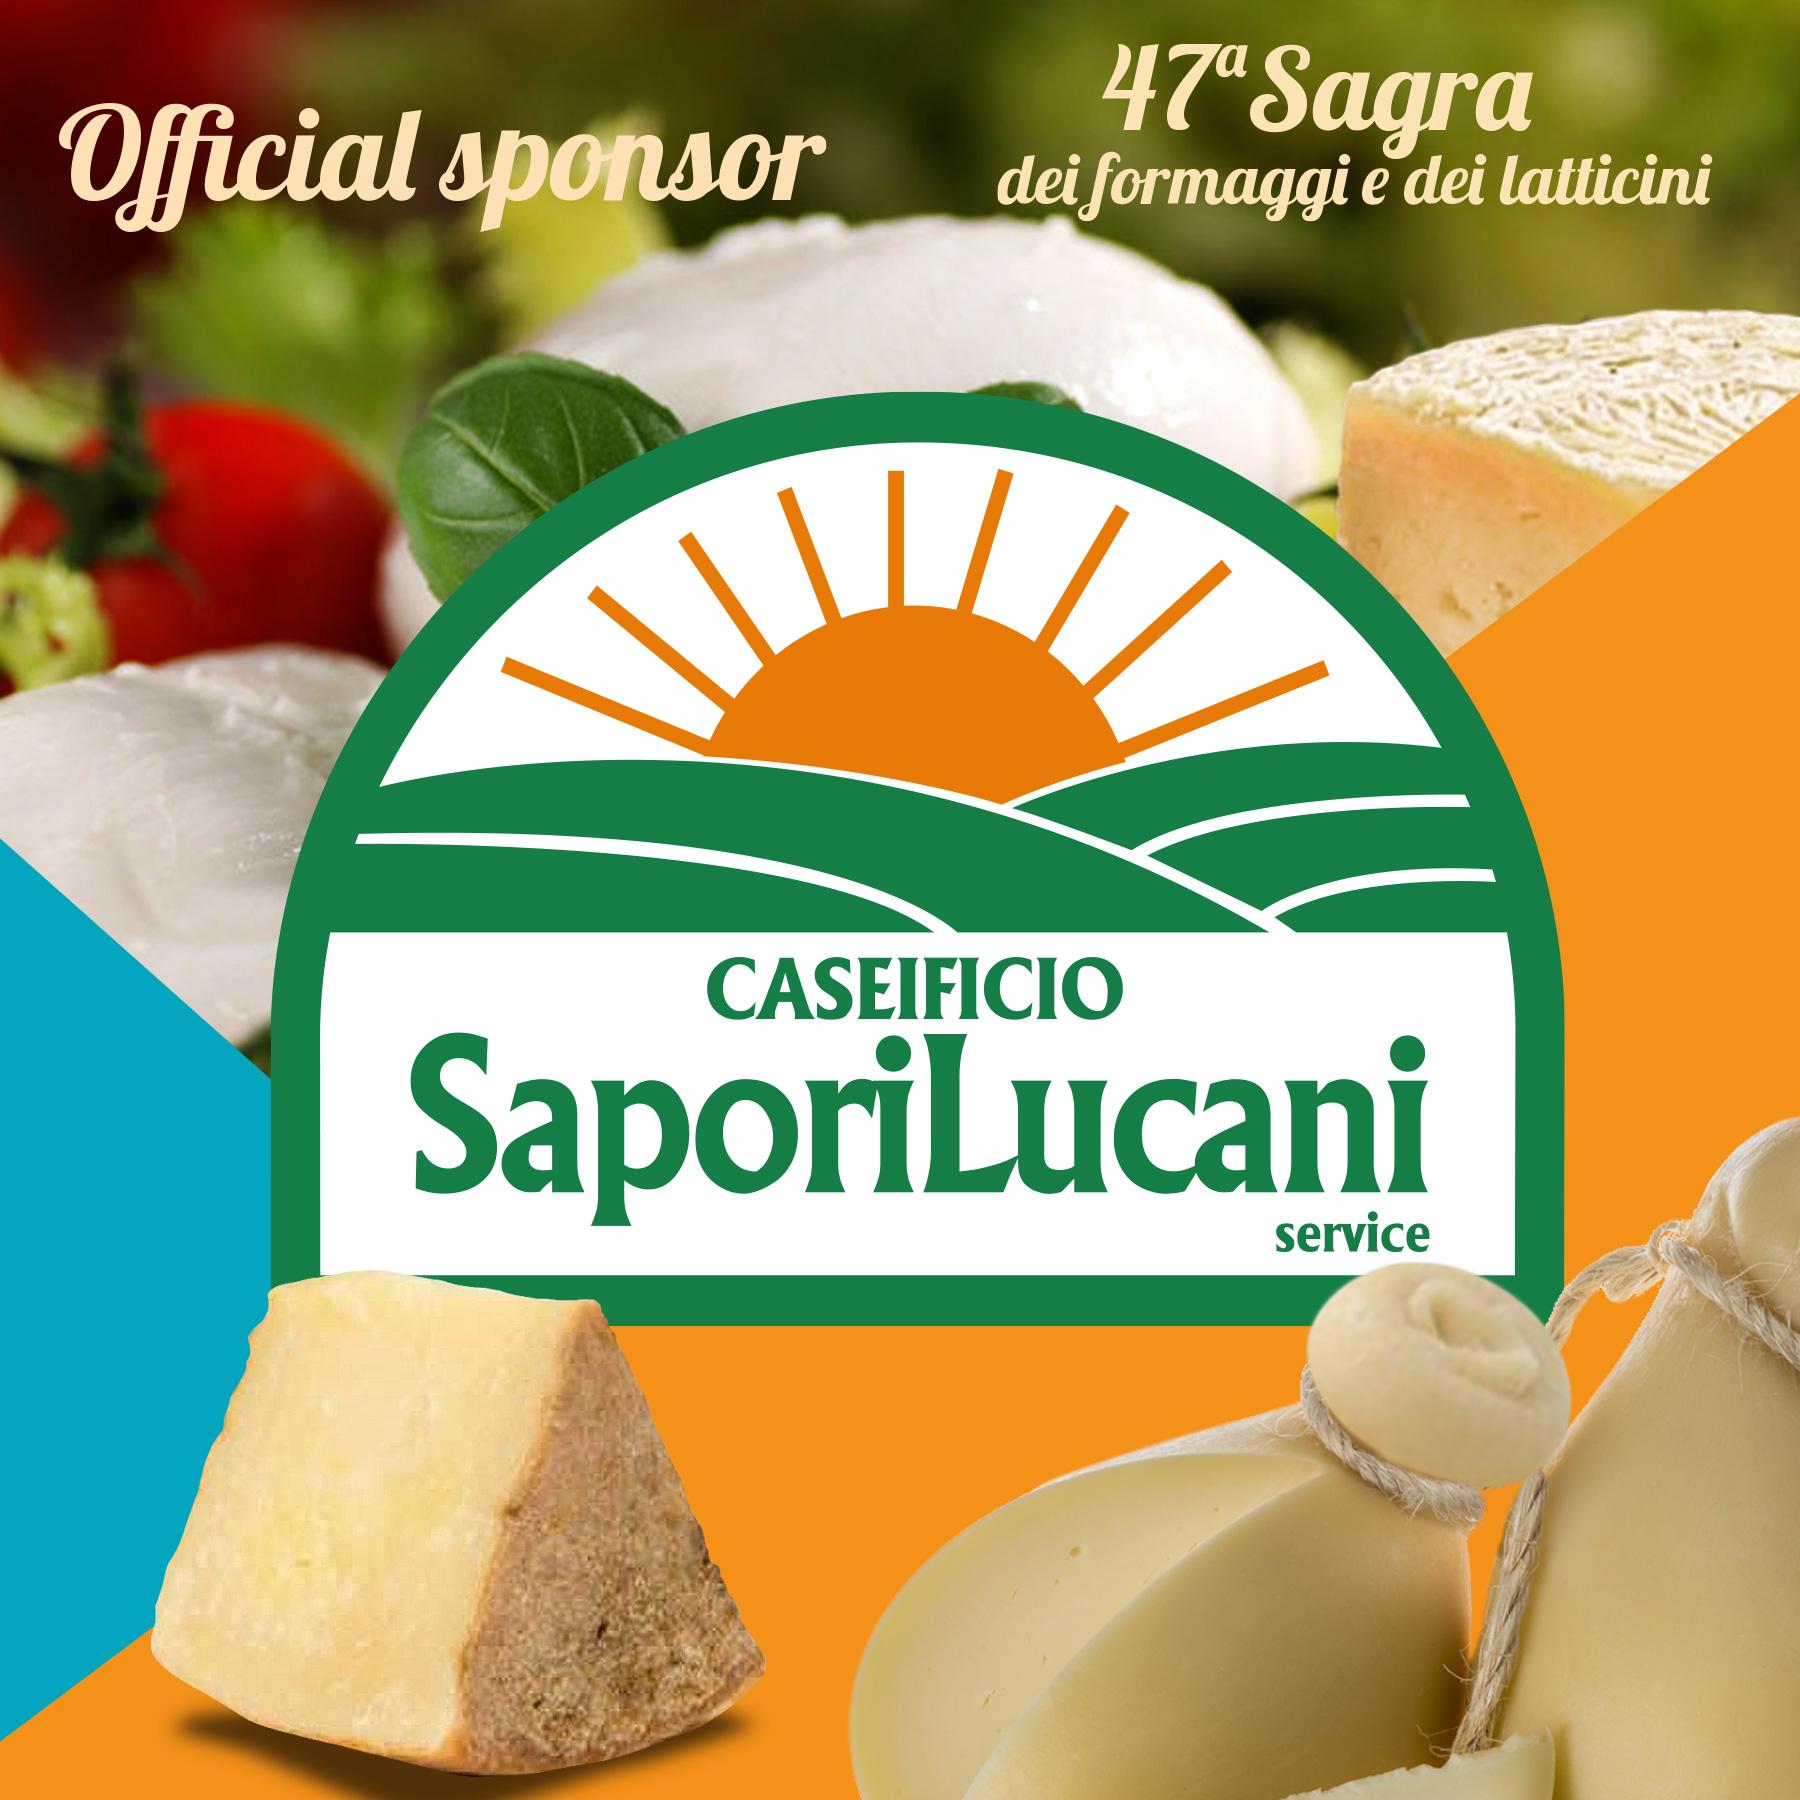 Caseificio Sapori Lucani, sponsor 2019